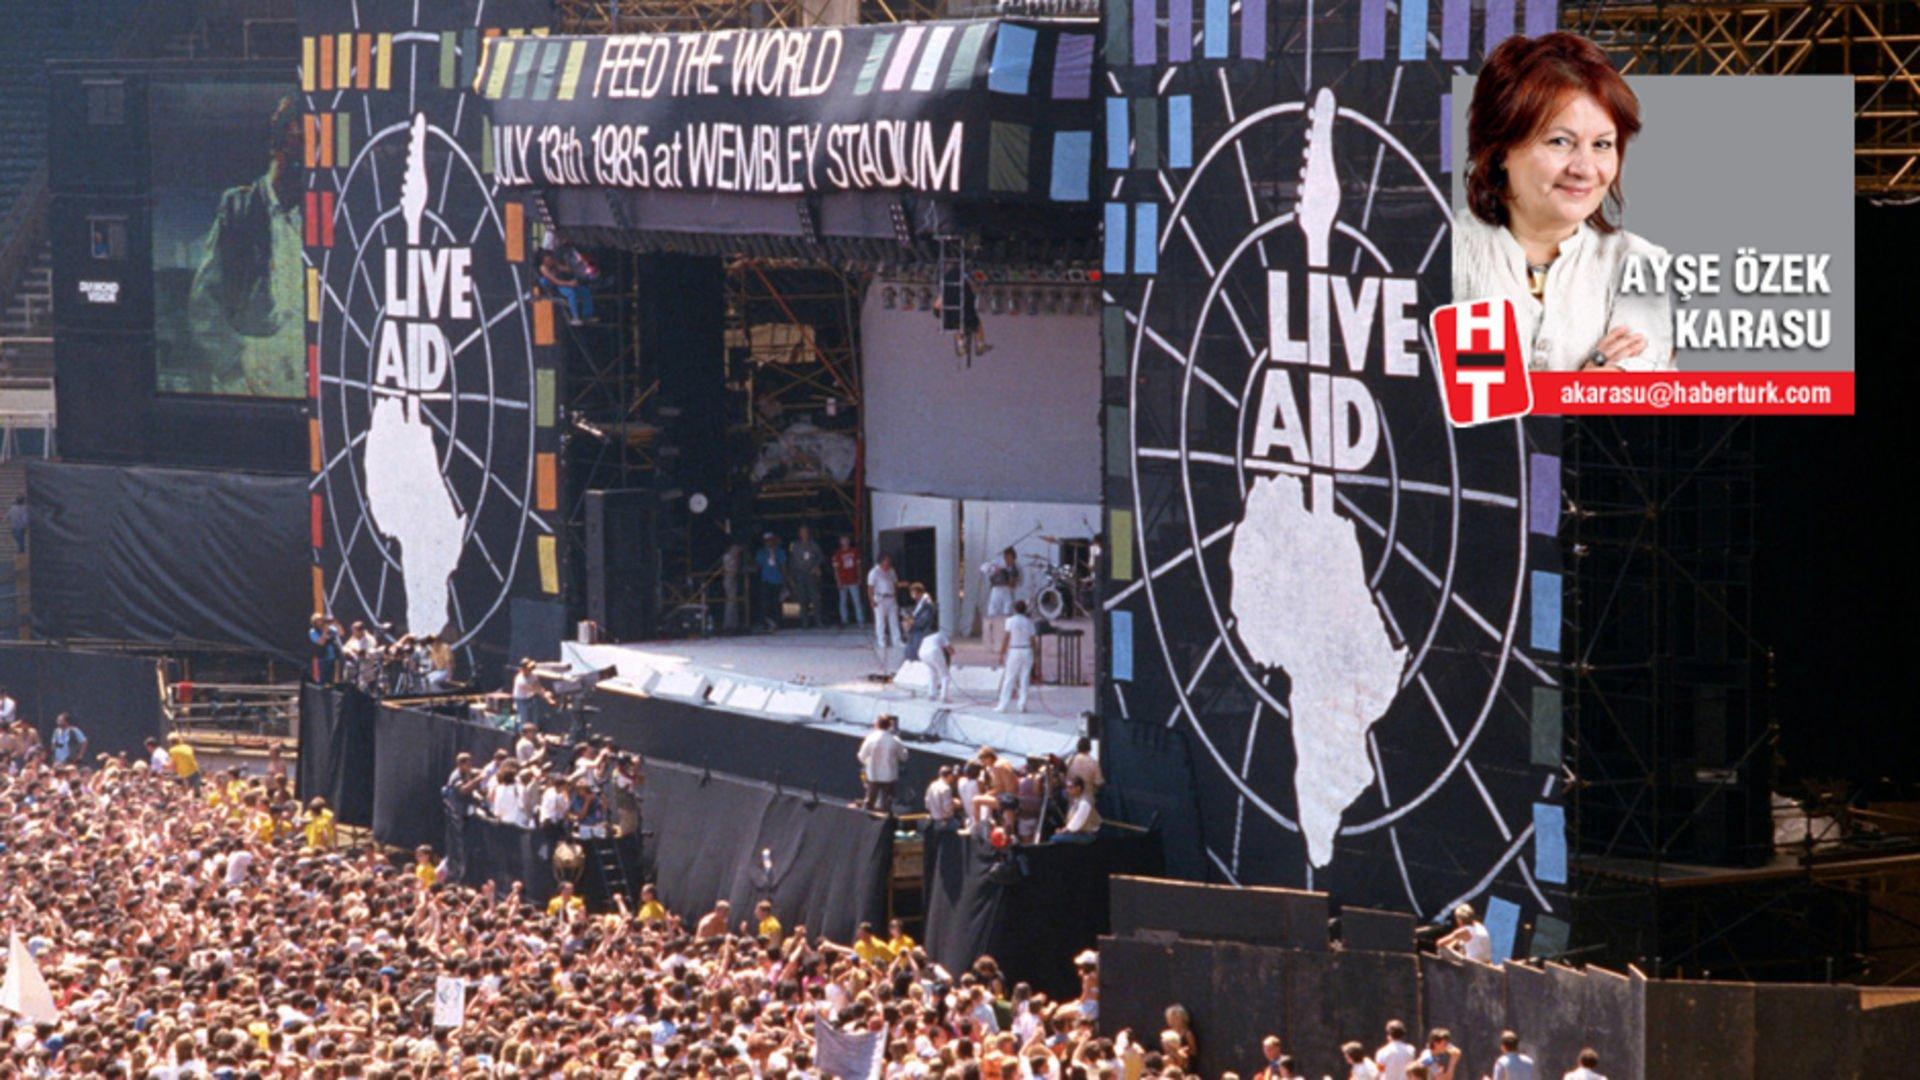 Sadece Venezuela'dan değil, 'Live Aid' hatırasından da çekin ellerinizi